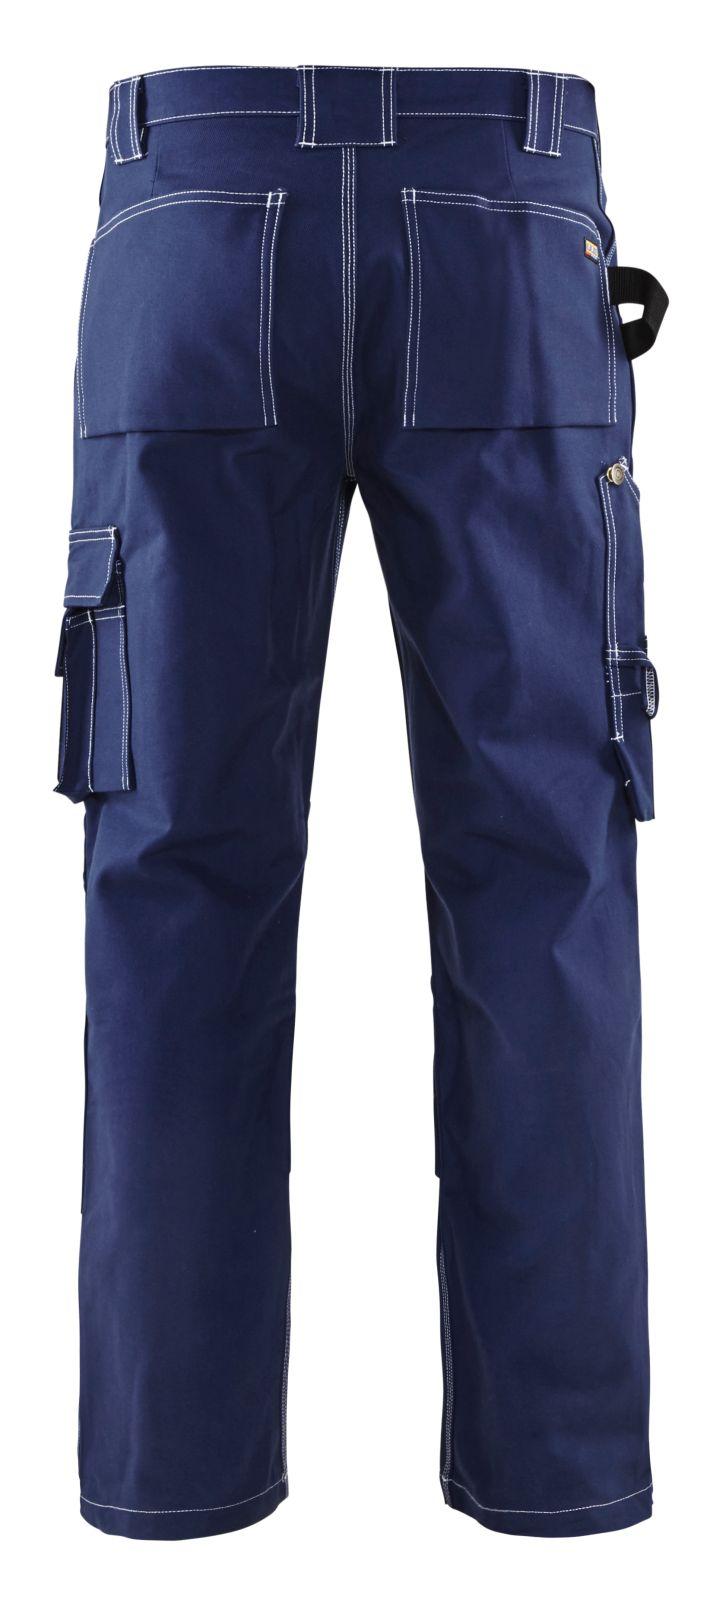 Blaklader Werkbroeken 15701370 marineblauw(8800)